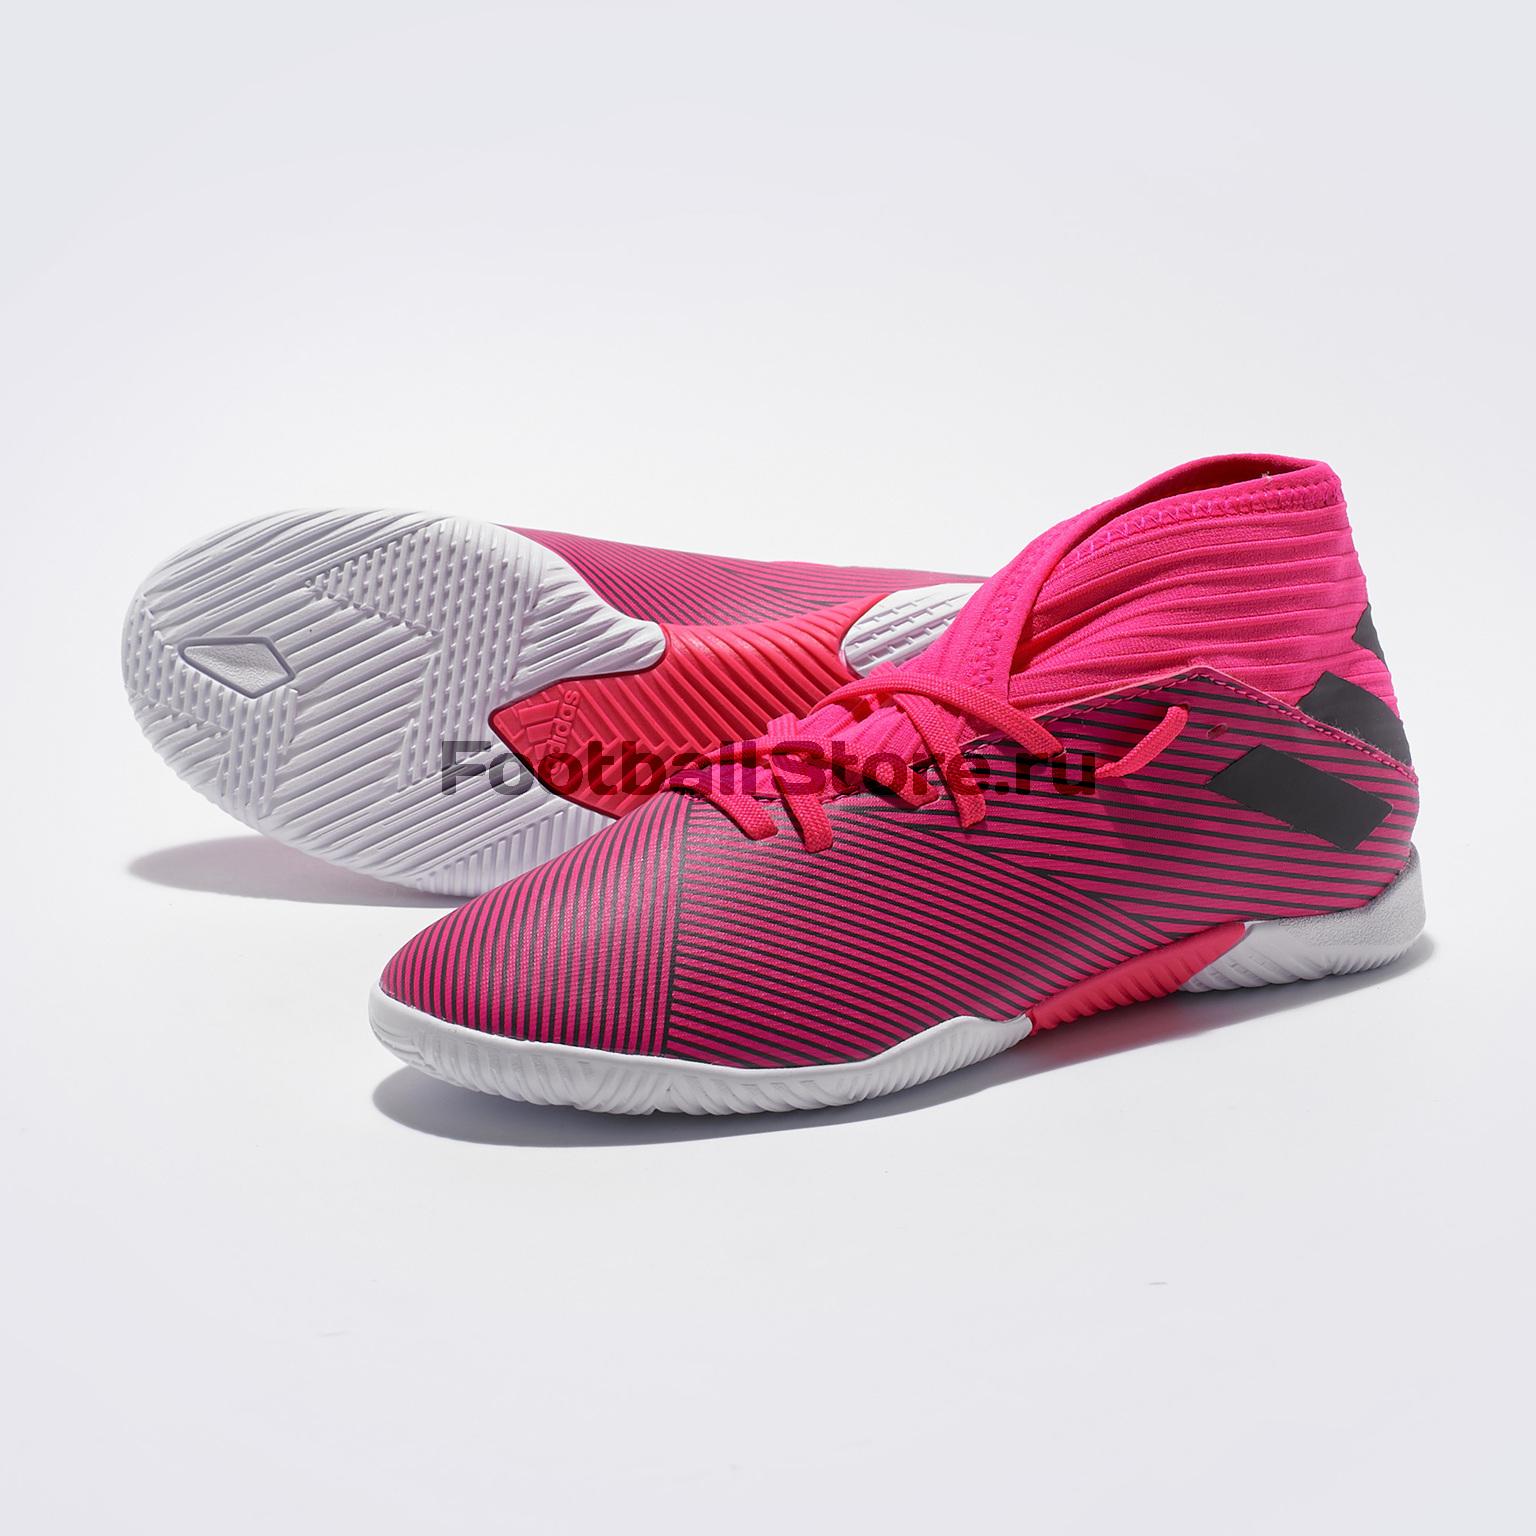 Футзалки детские Adidas Nemeziz 19.3 IN F99946